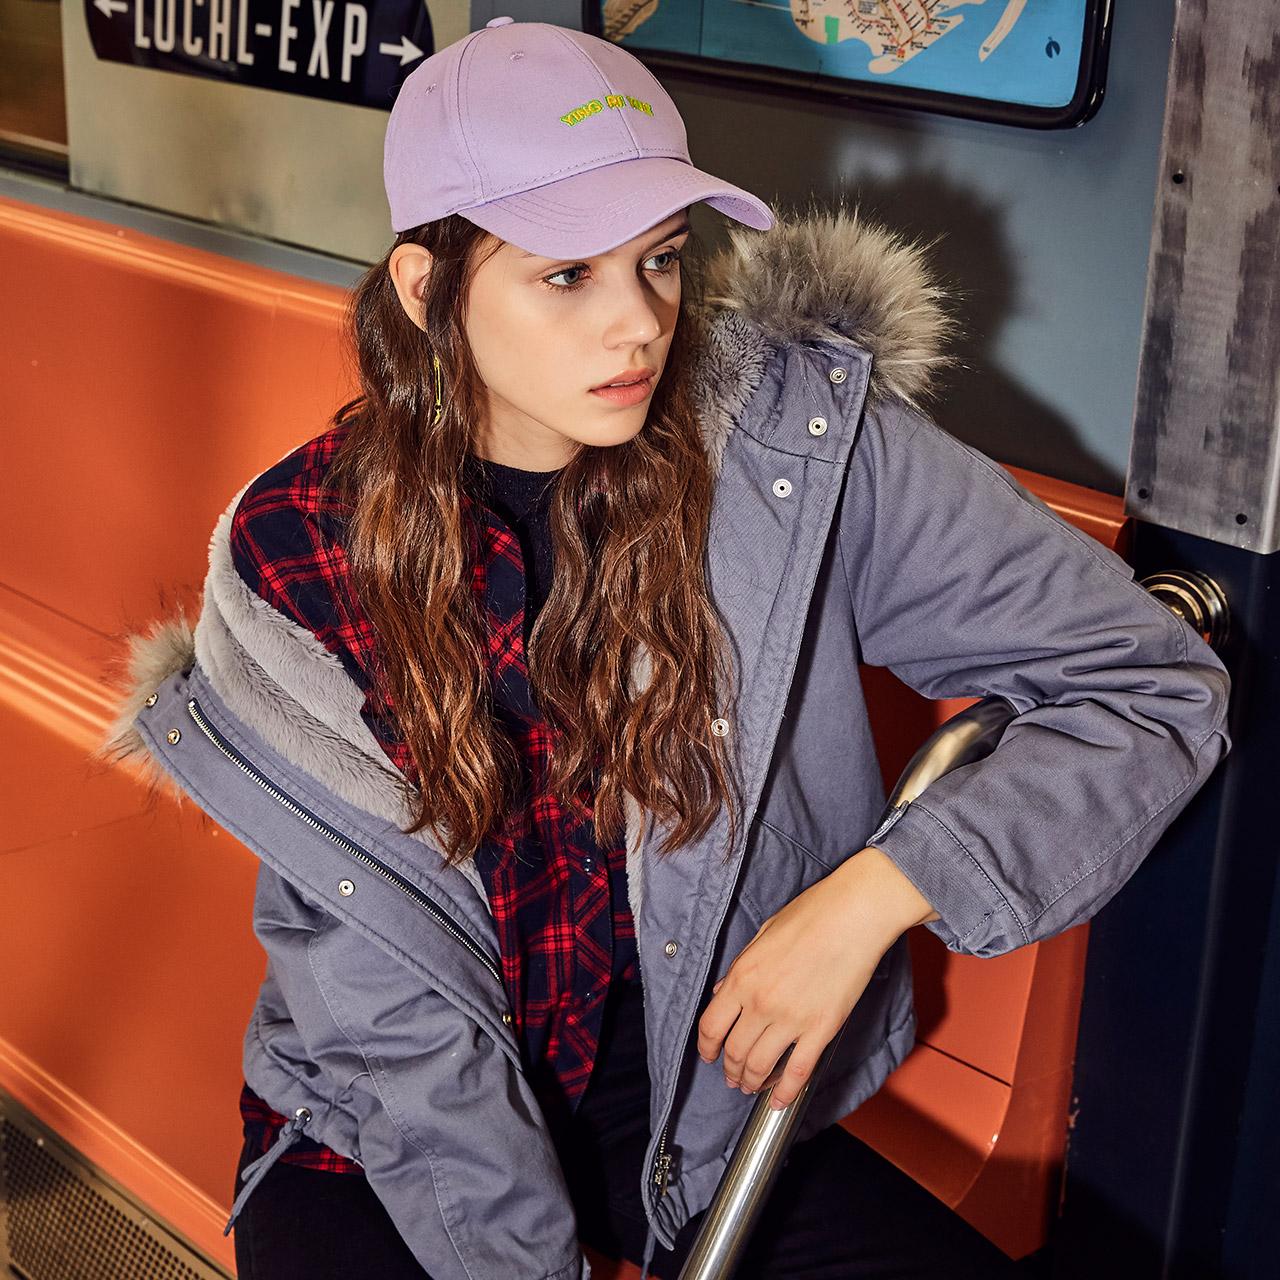 羽绒棉服女2018新款秋冬装韩版学生小棉袄加厚面包服短款棉衣外套